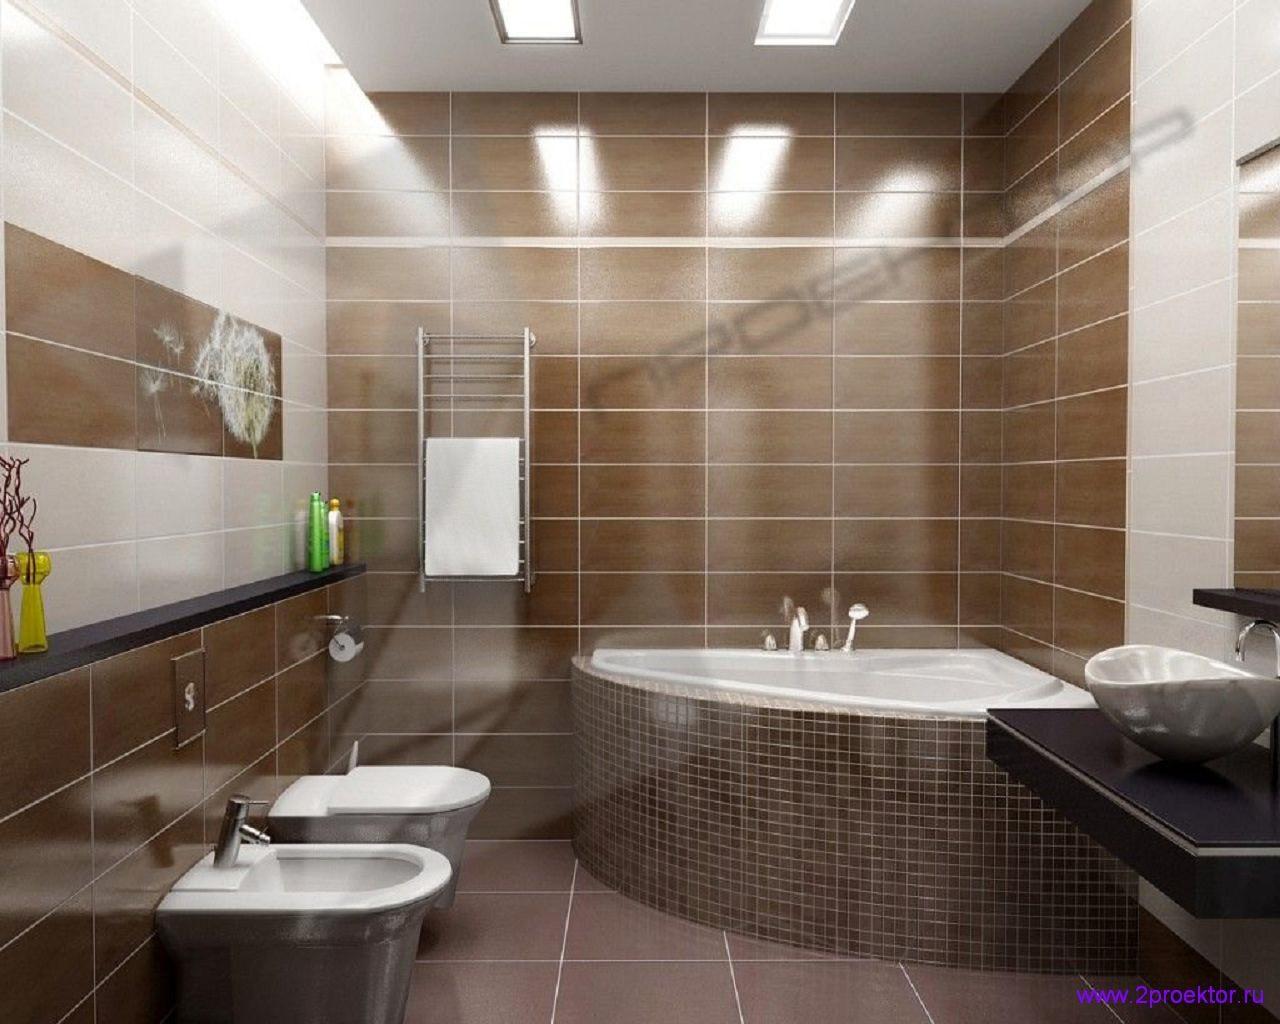 Современный дизайн ванной комнаты в Жилом комплексе Головино.